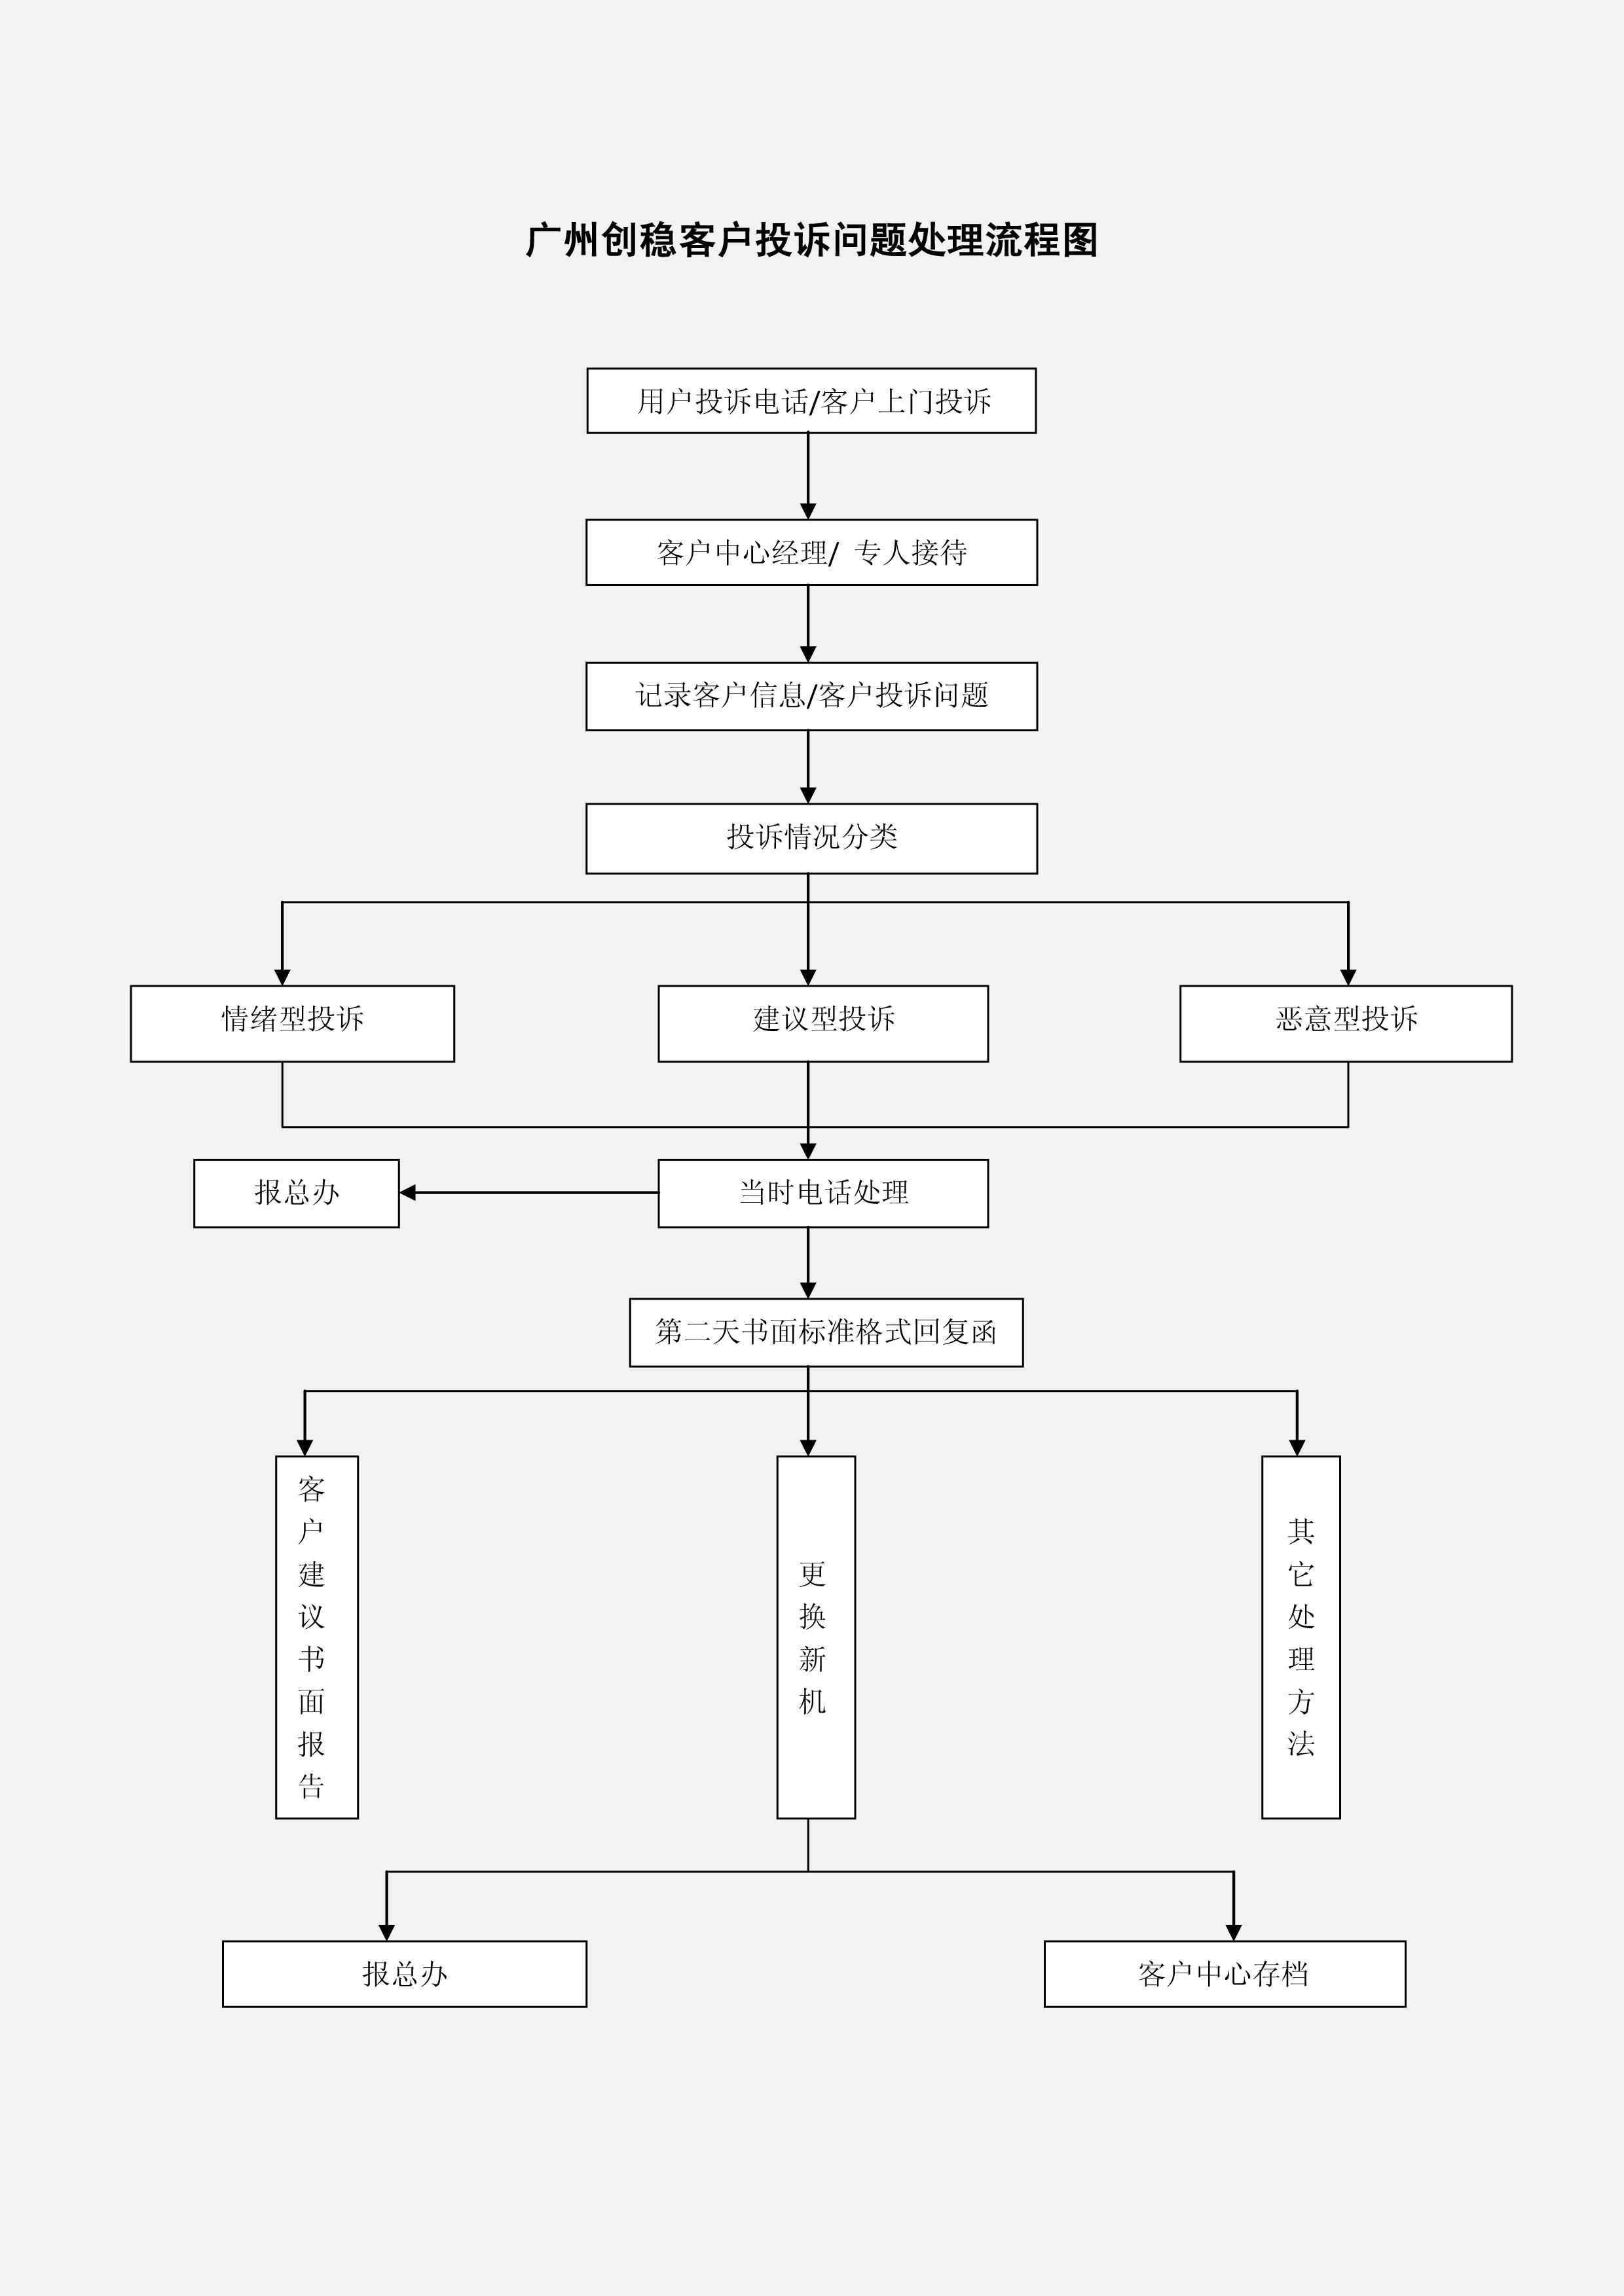 广州创稳客户投诉处理流程图